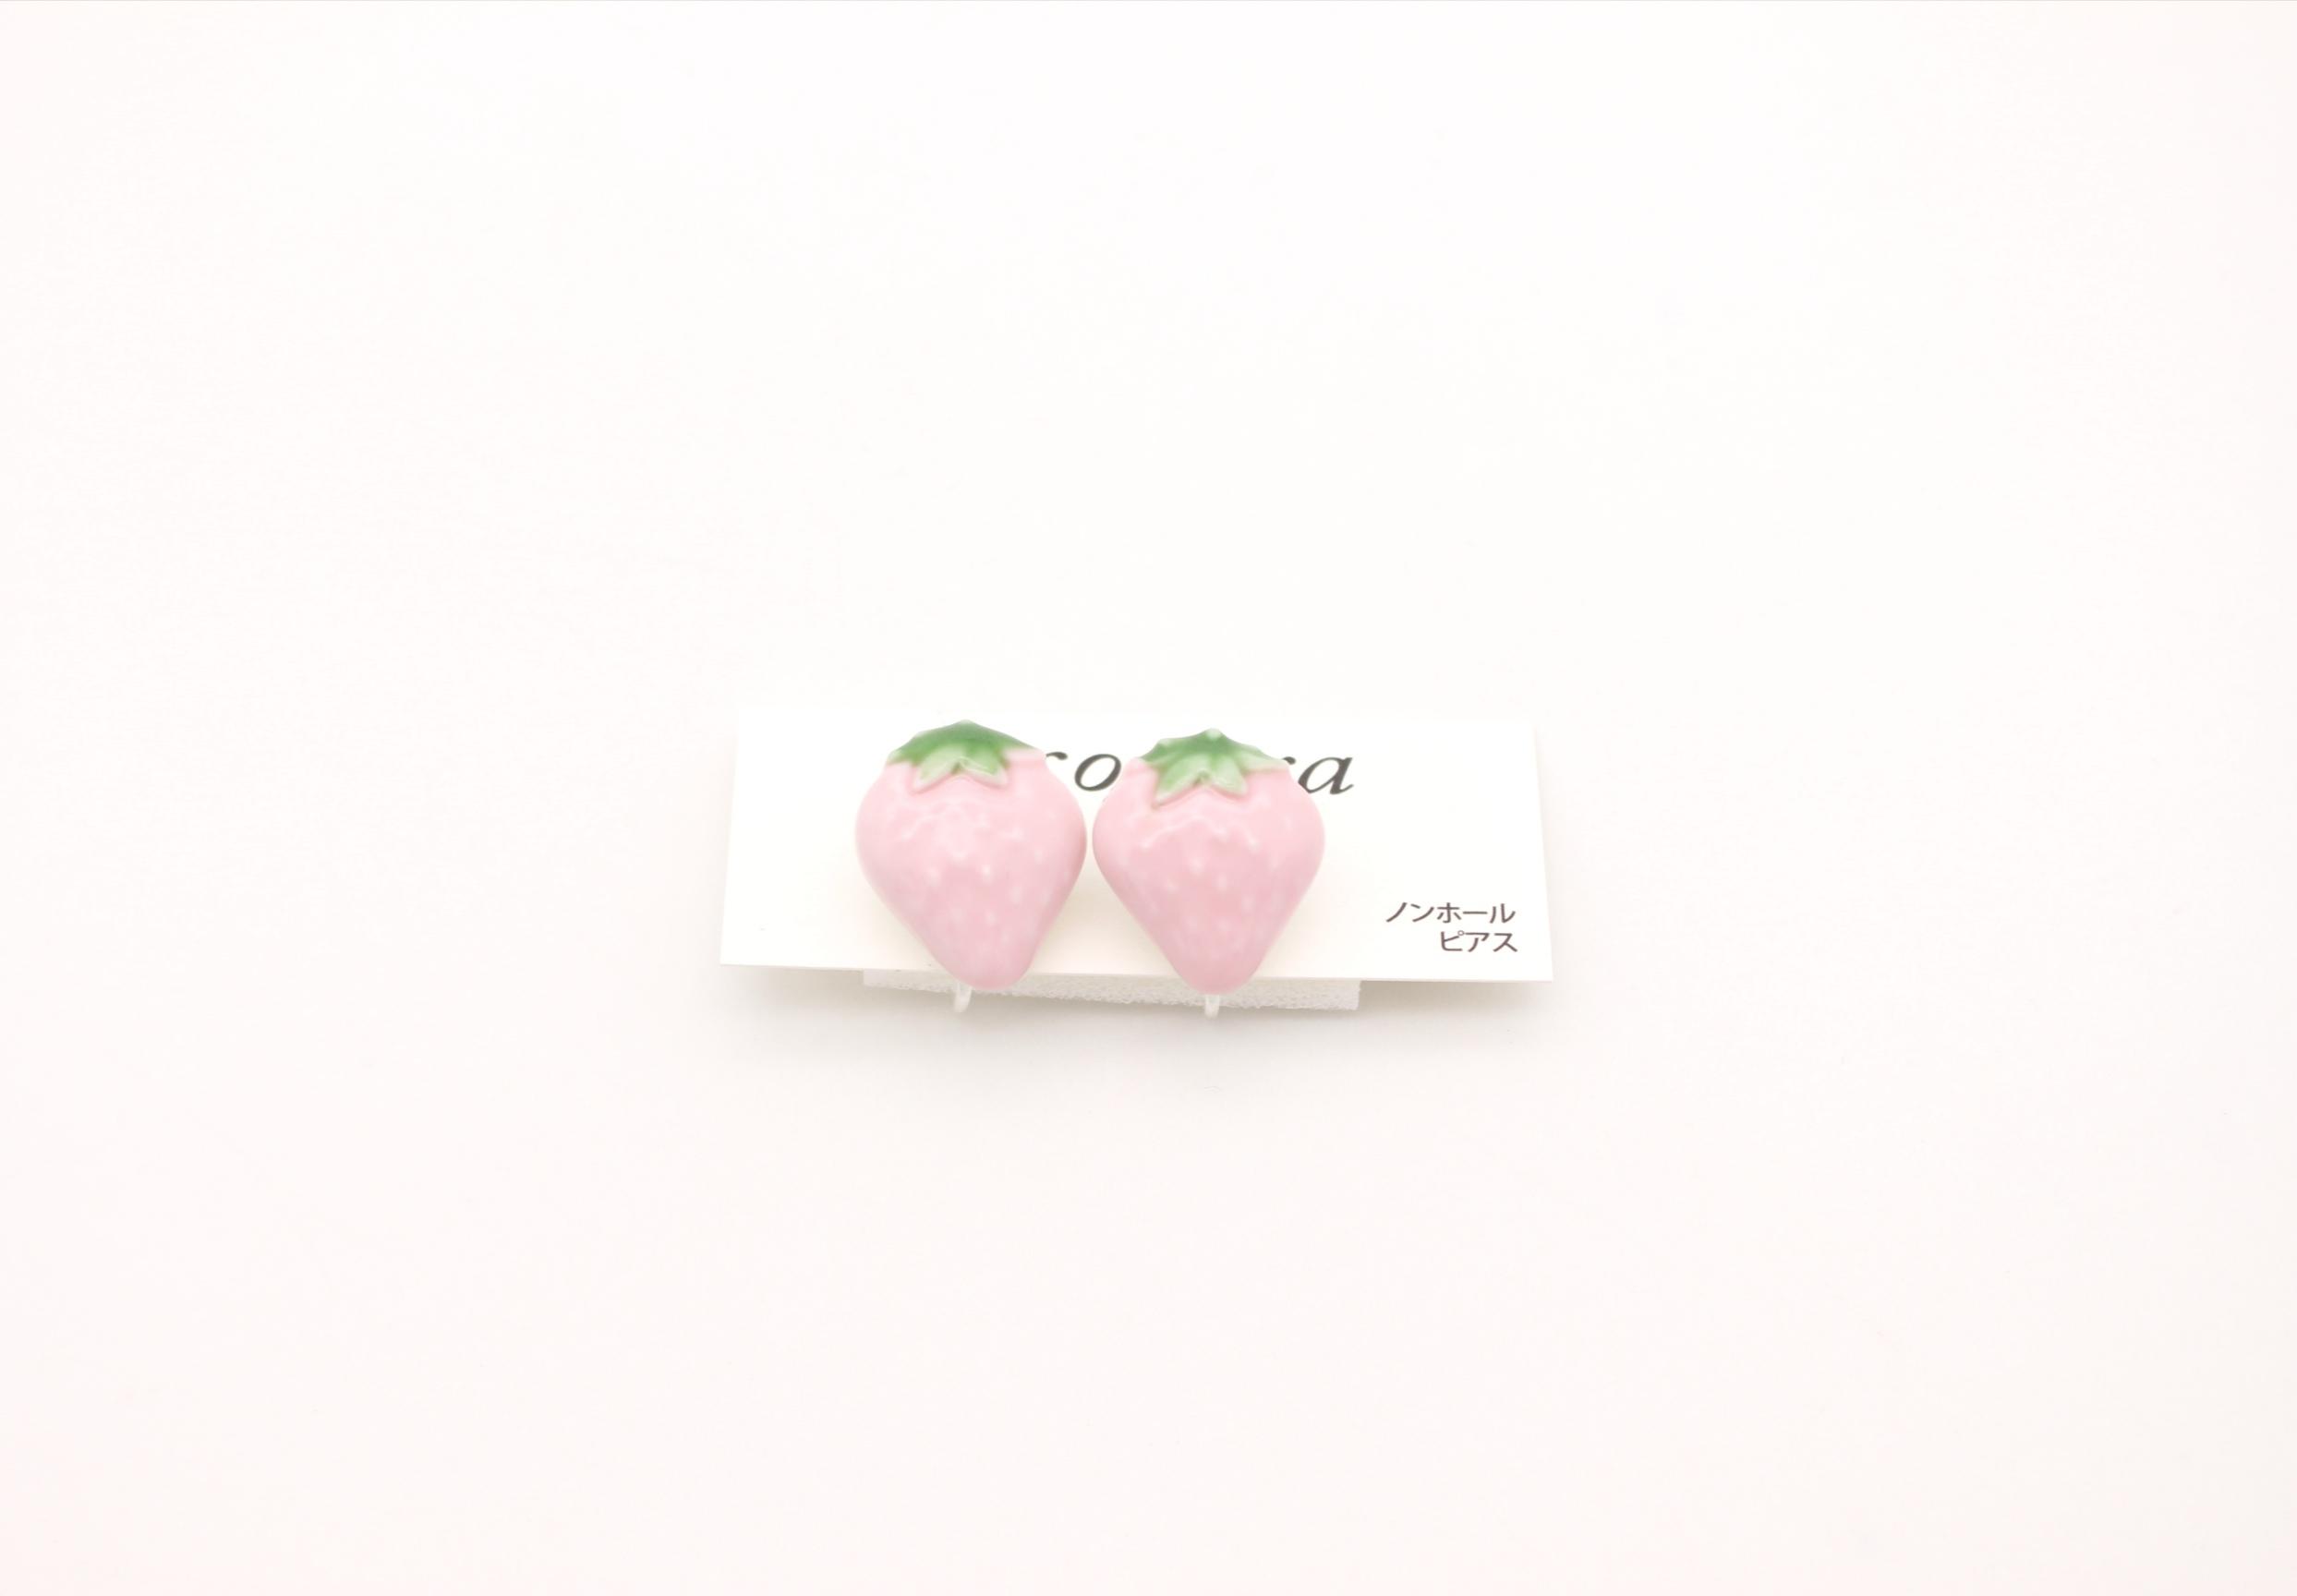 有田焼ノンホールピアス イチゴ ピンク